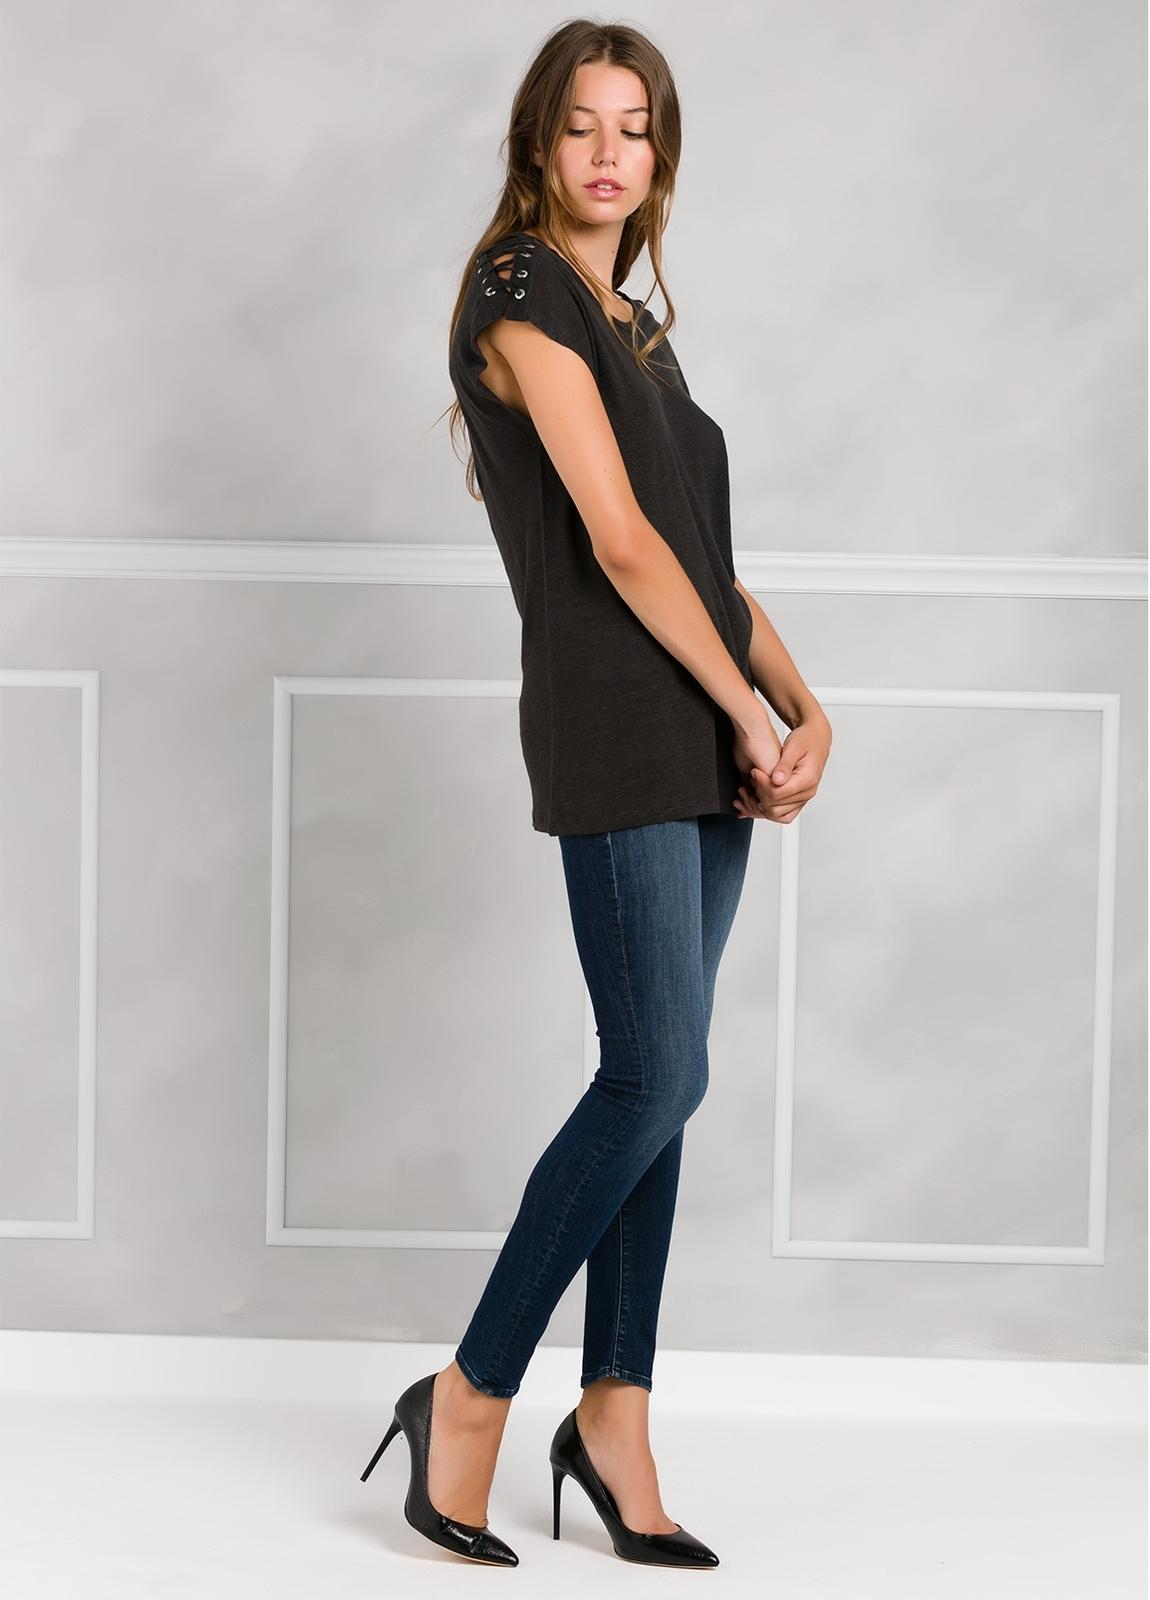 Camiseta woman manga corta color negro, con cordones en mangas y apliques metálicos. - Ítem1